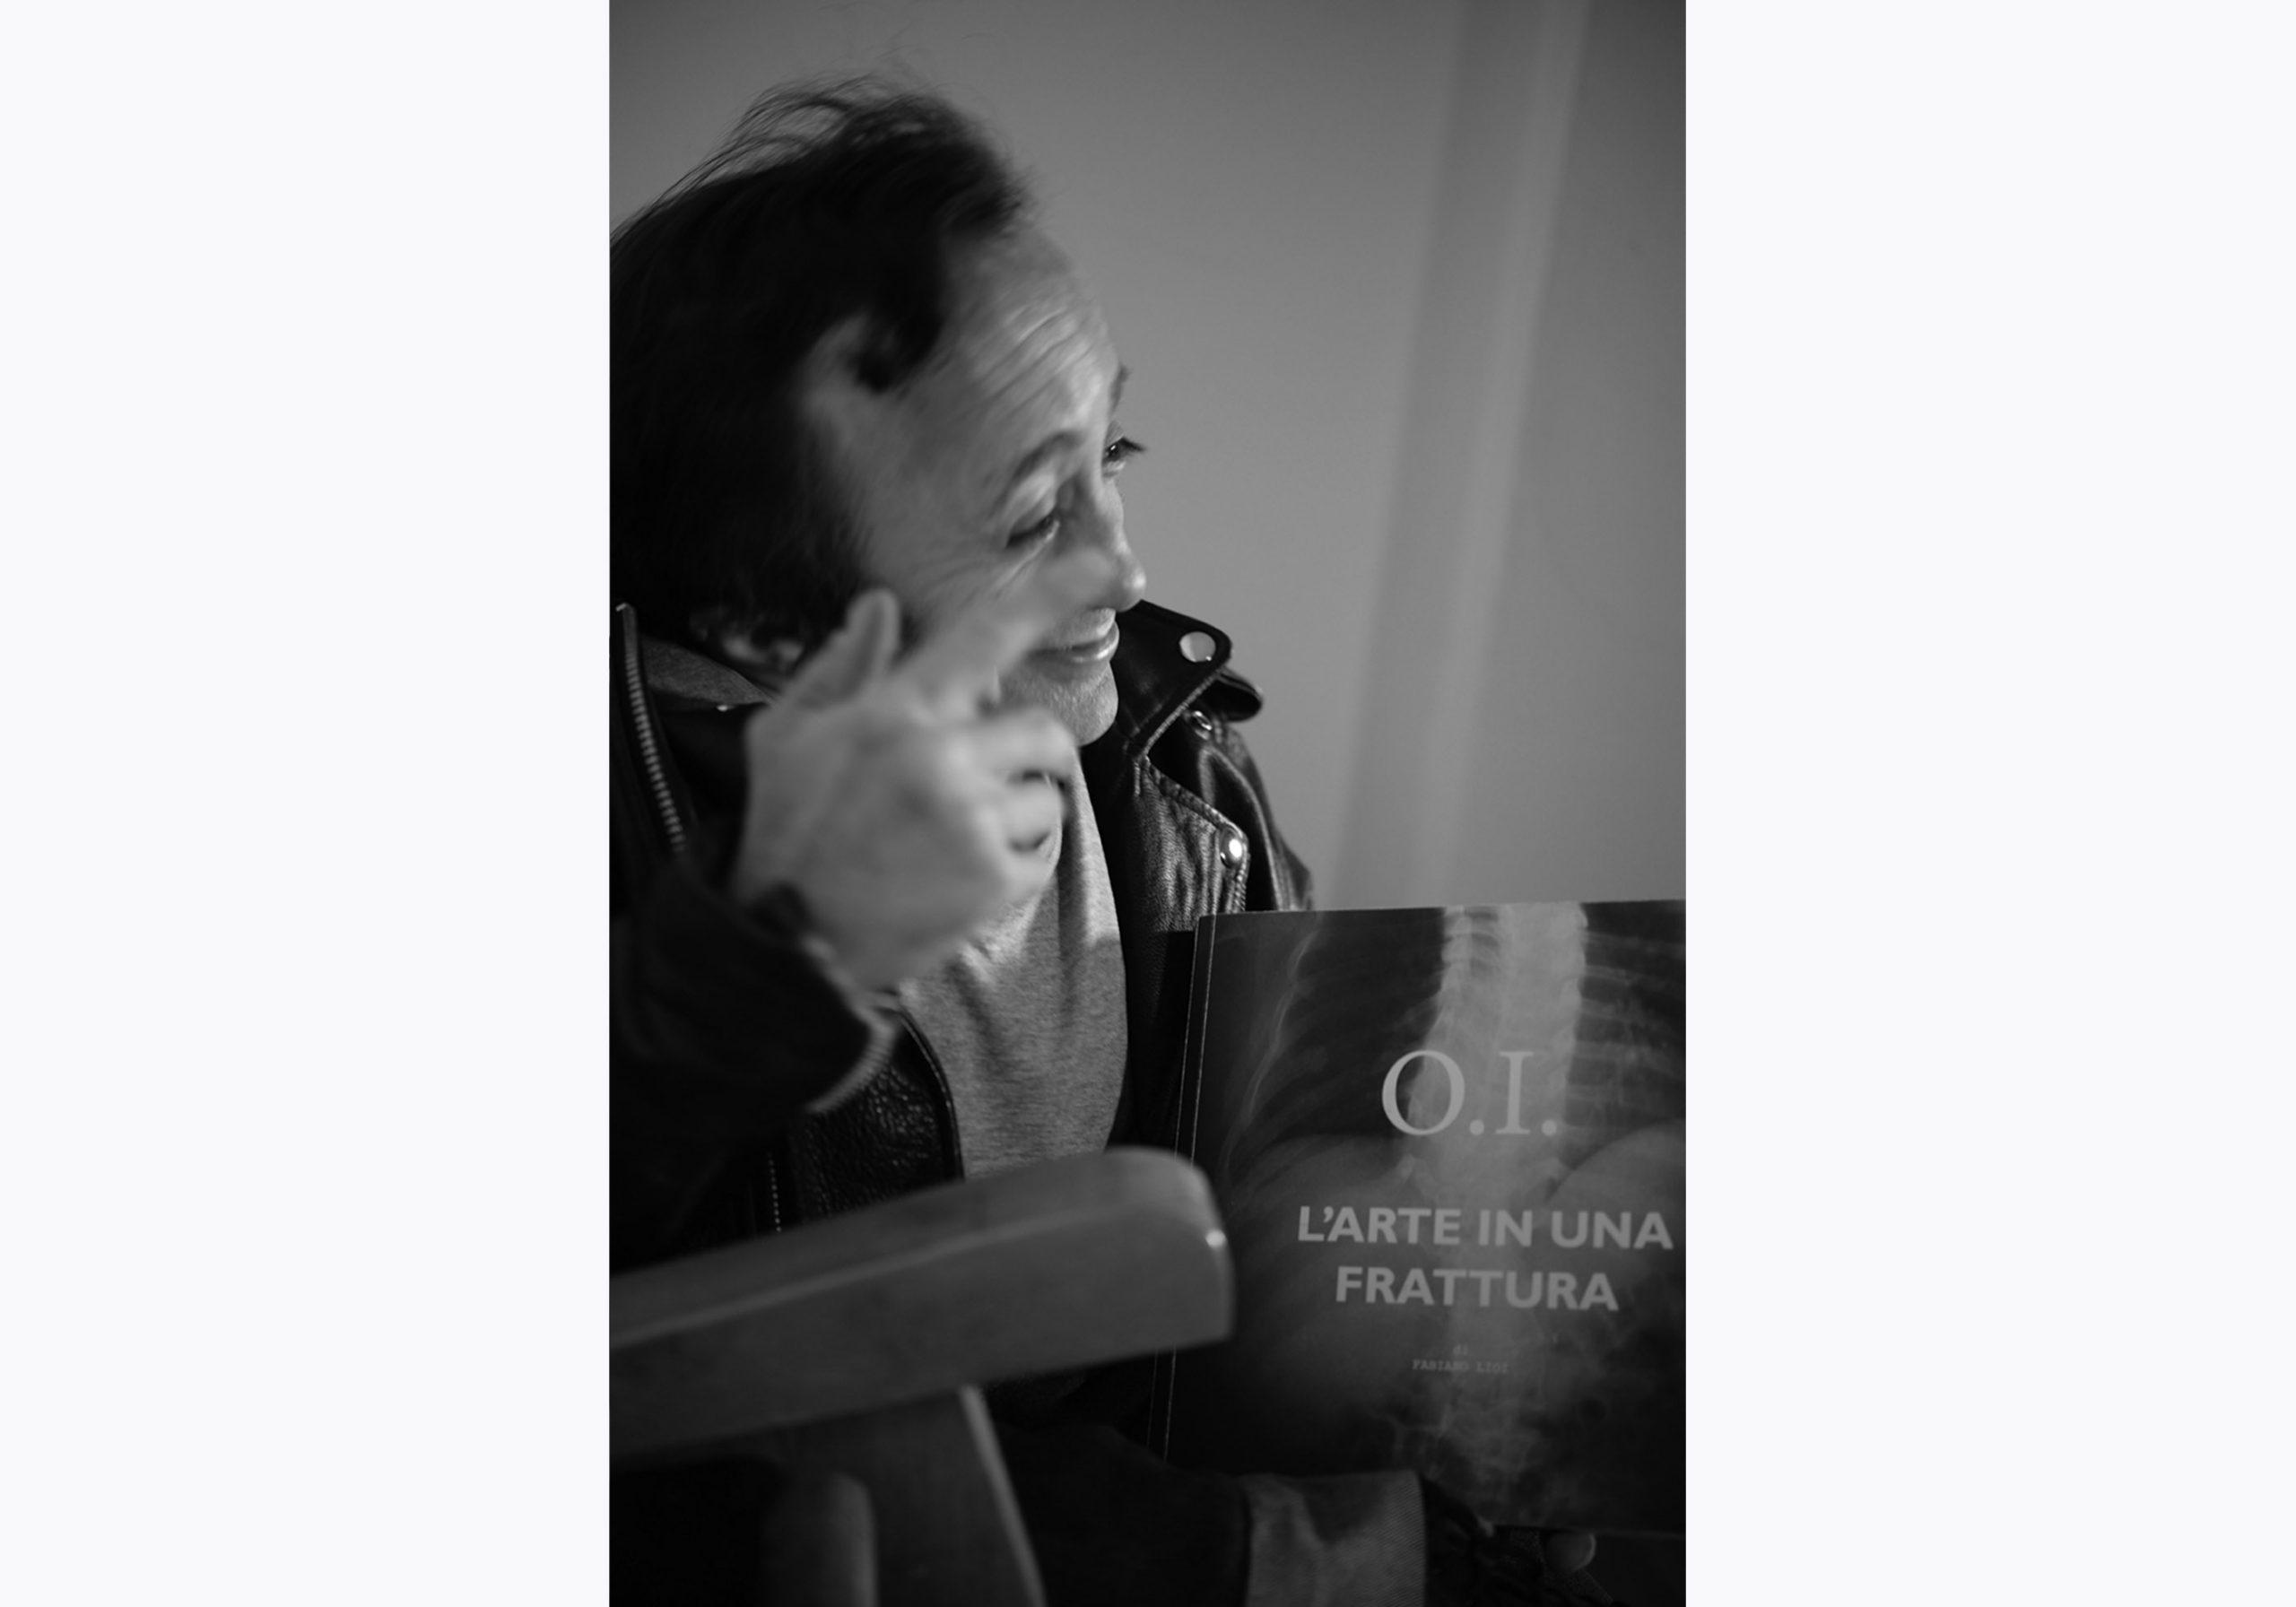 Fabiano Lioi è l'autore di O.I. L'arte in una frattura. Stampiamo insieme il libro con la campagna di crowdfunding. In questa foto sorride con la prova stampa del suo libro in mano mentre racconta una parte del progetto di crowdfunding.